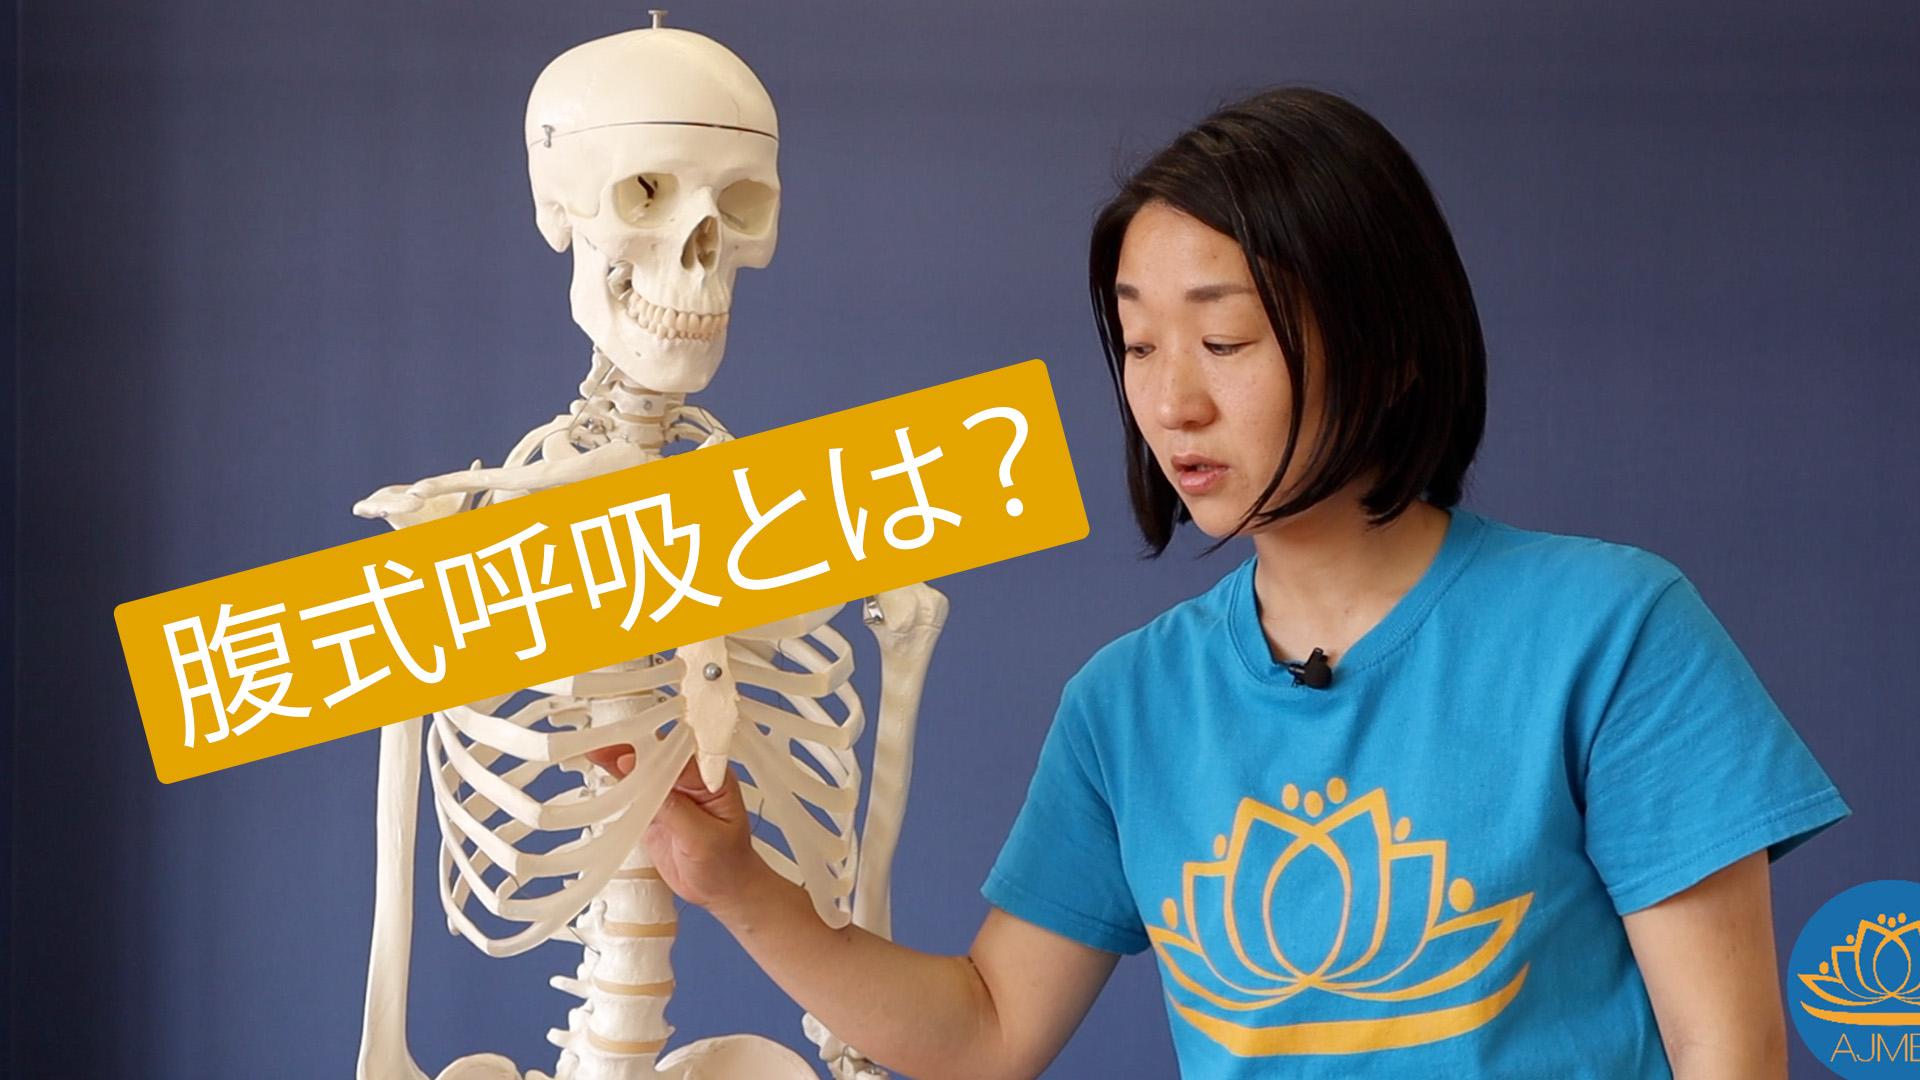 腹式呼吸とは youtube